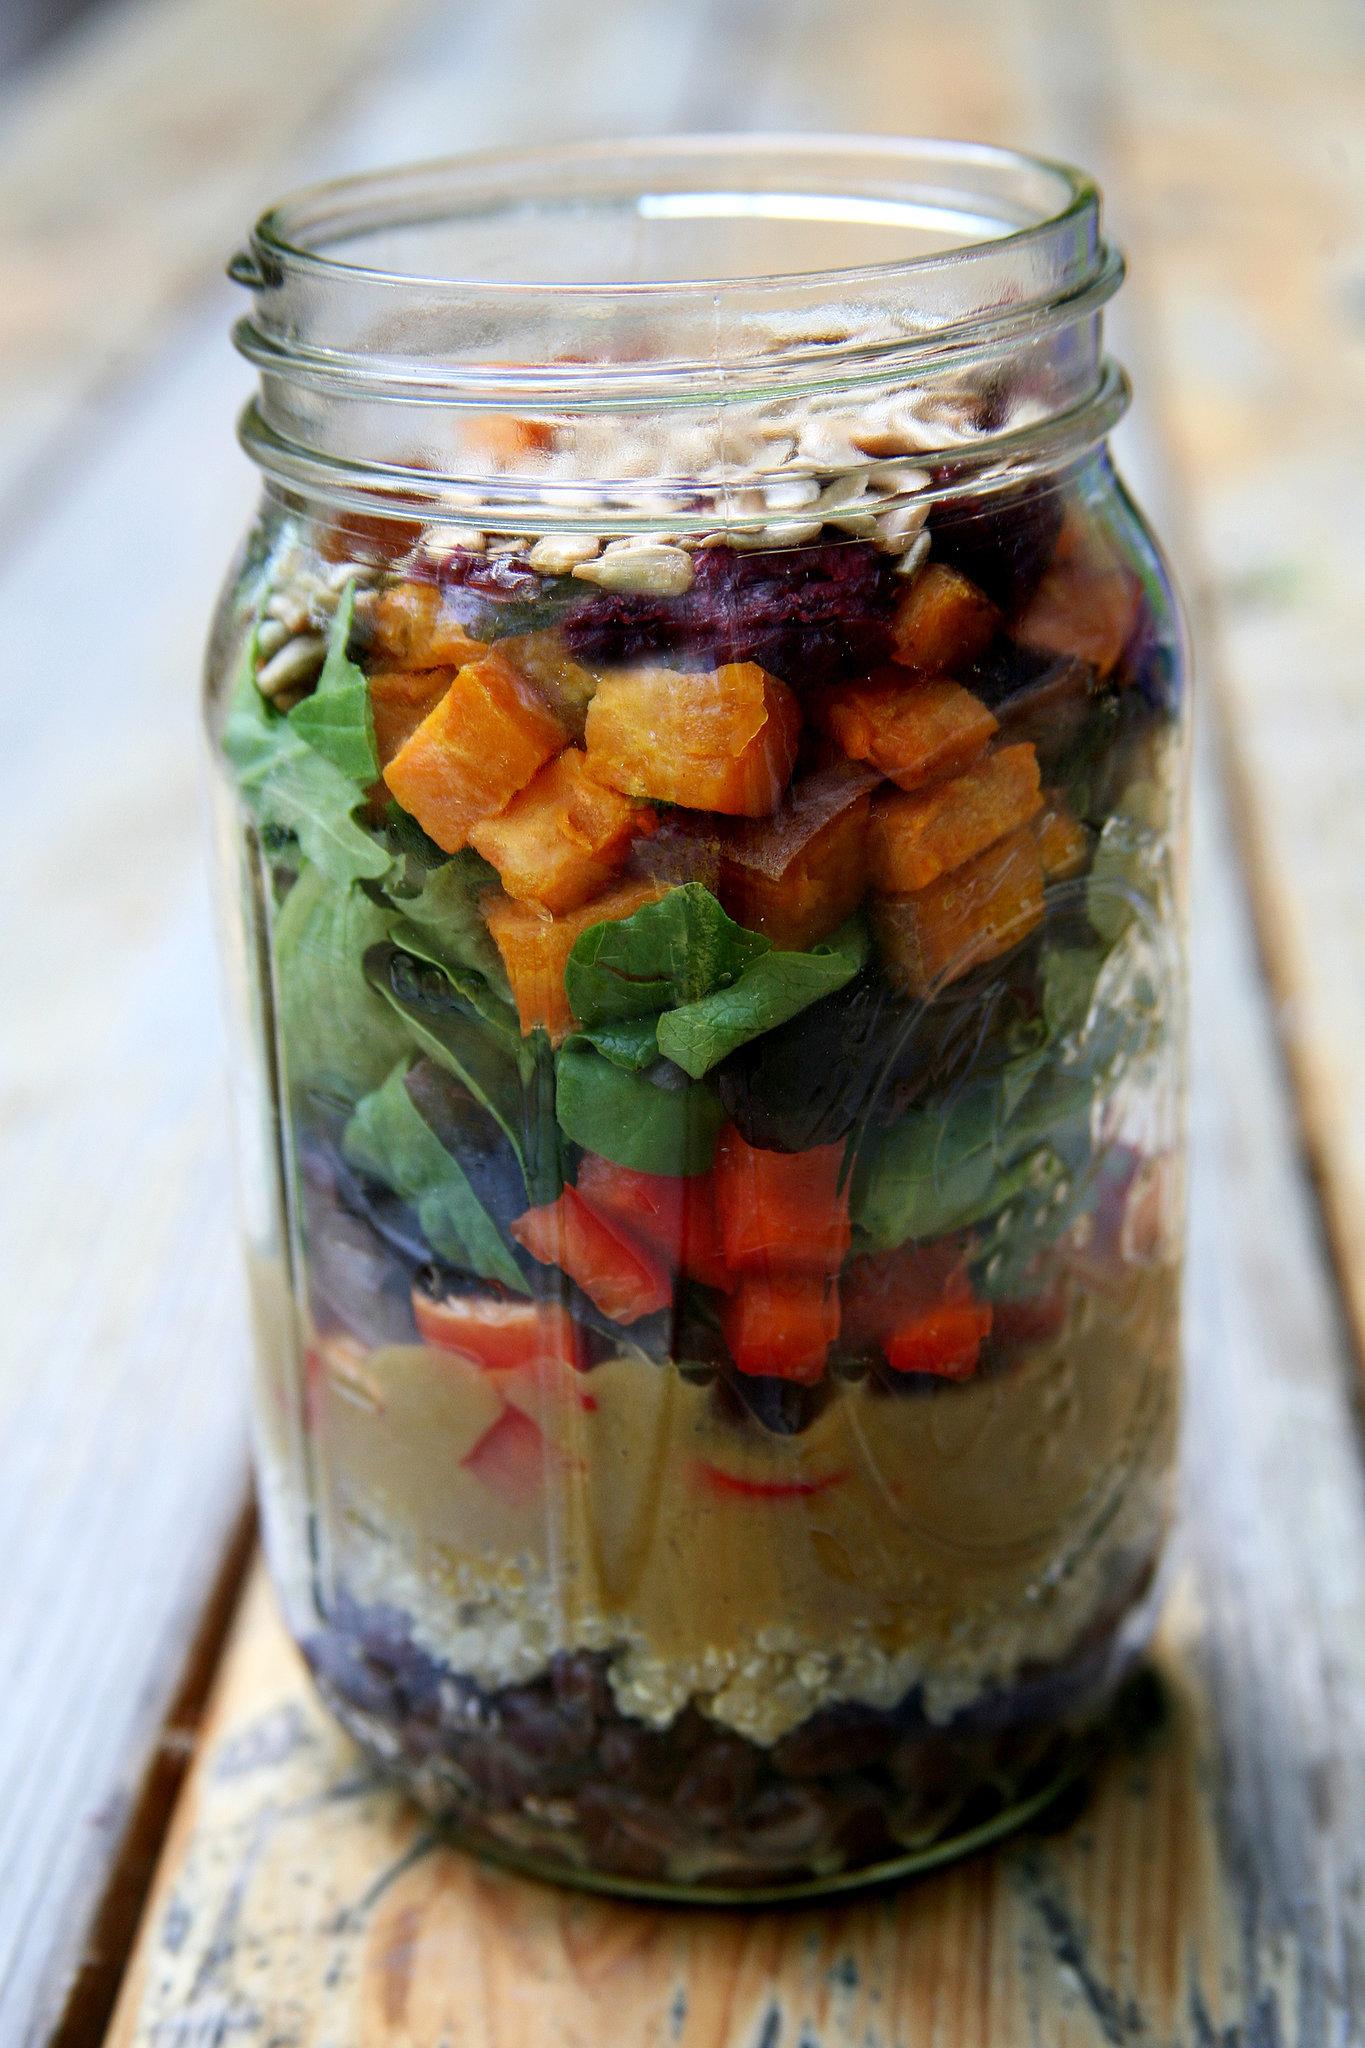 557b7b5700e40197_sweet-tato-salad.xxxlarge_2x